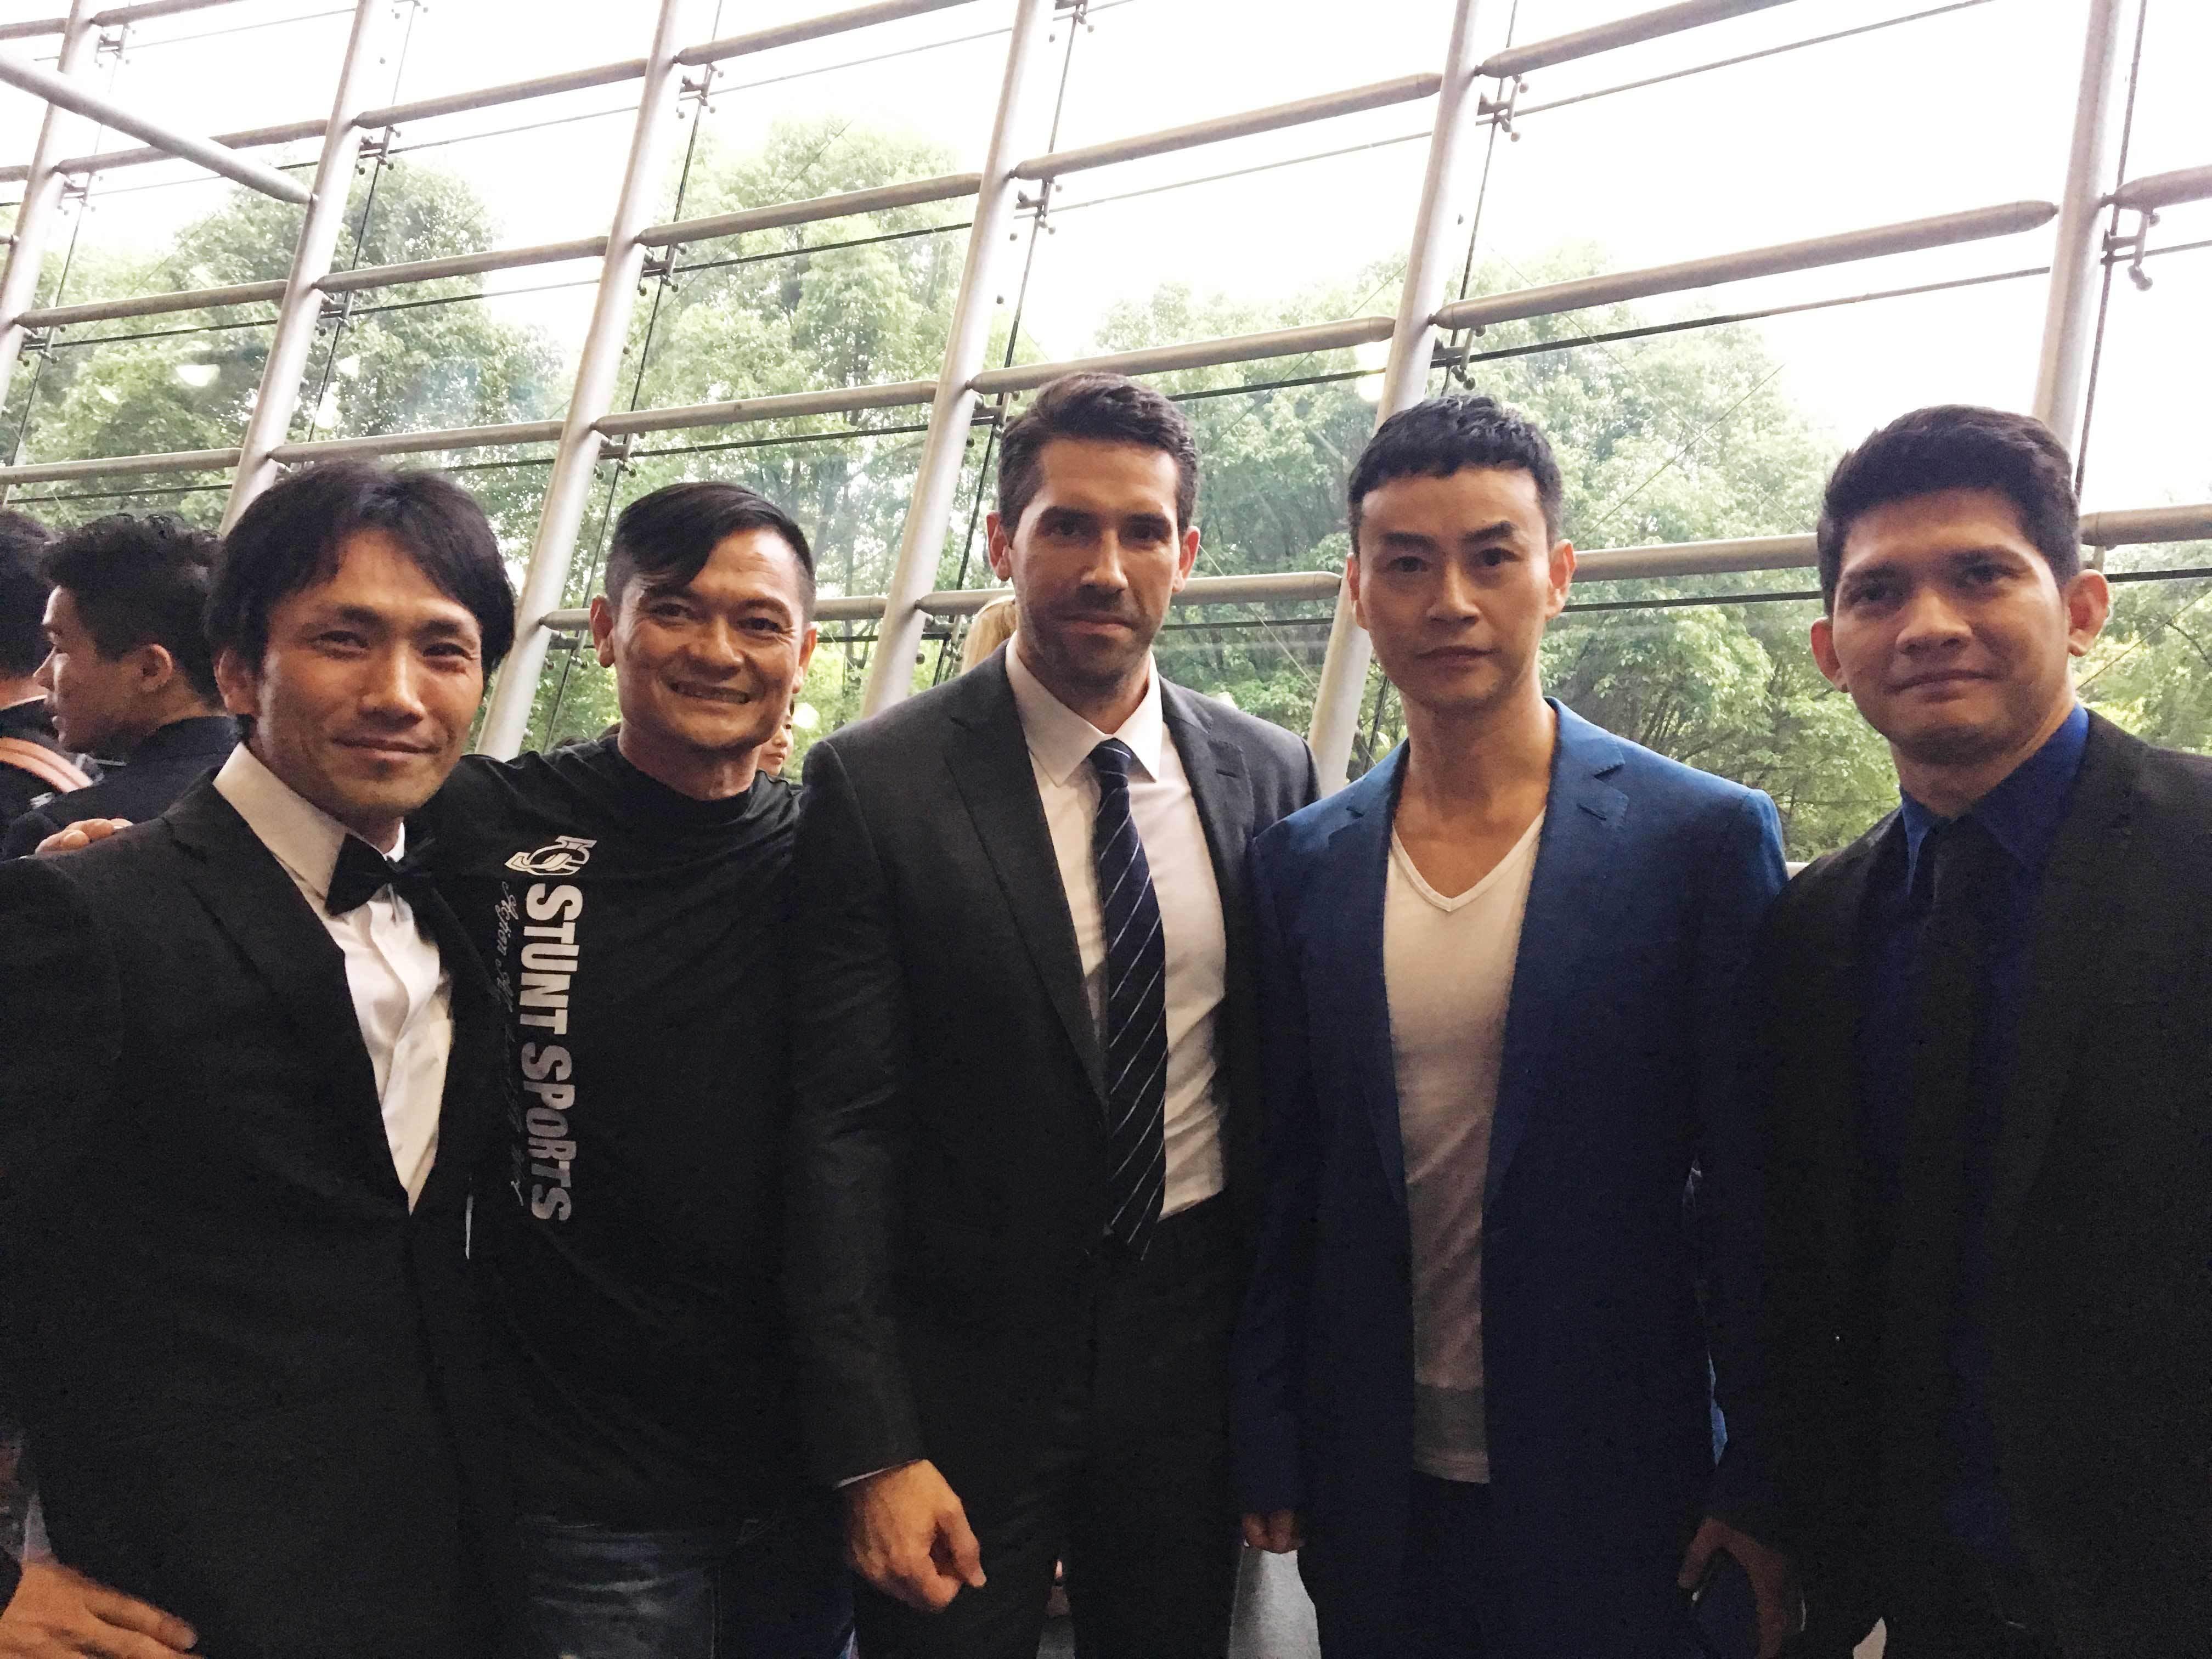 左から、下村勇二監督、アンディ・チェン、スコット・アドキンス、タイガー・チェン、イコ・ウワイス